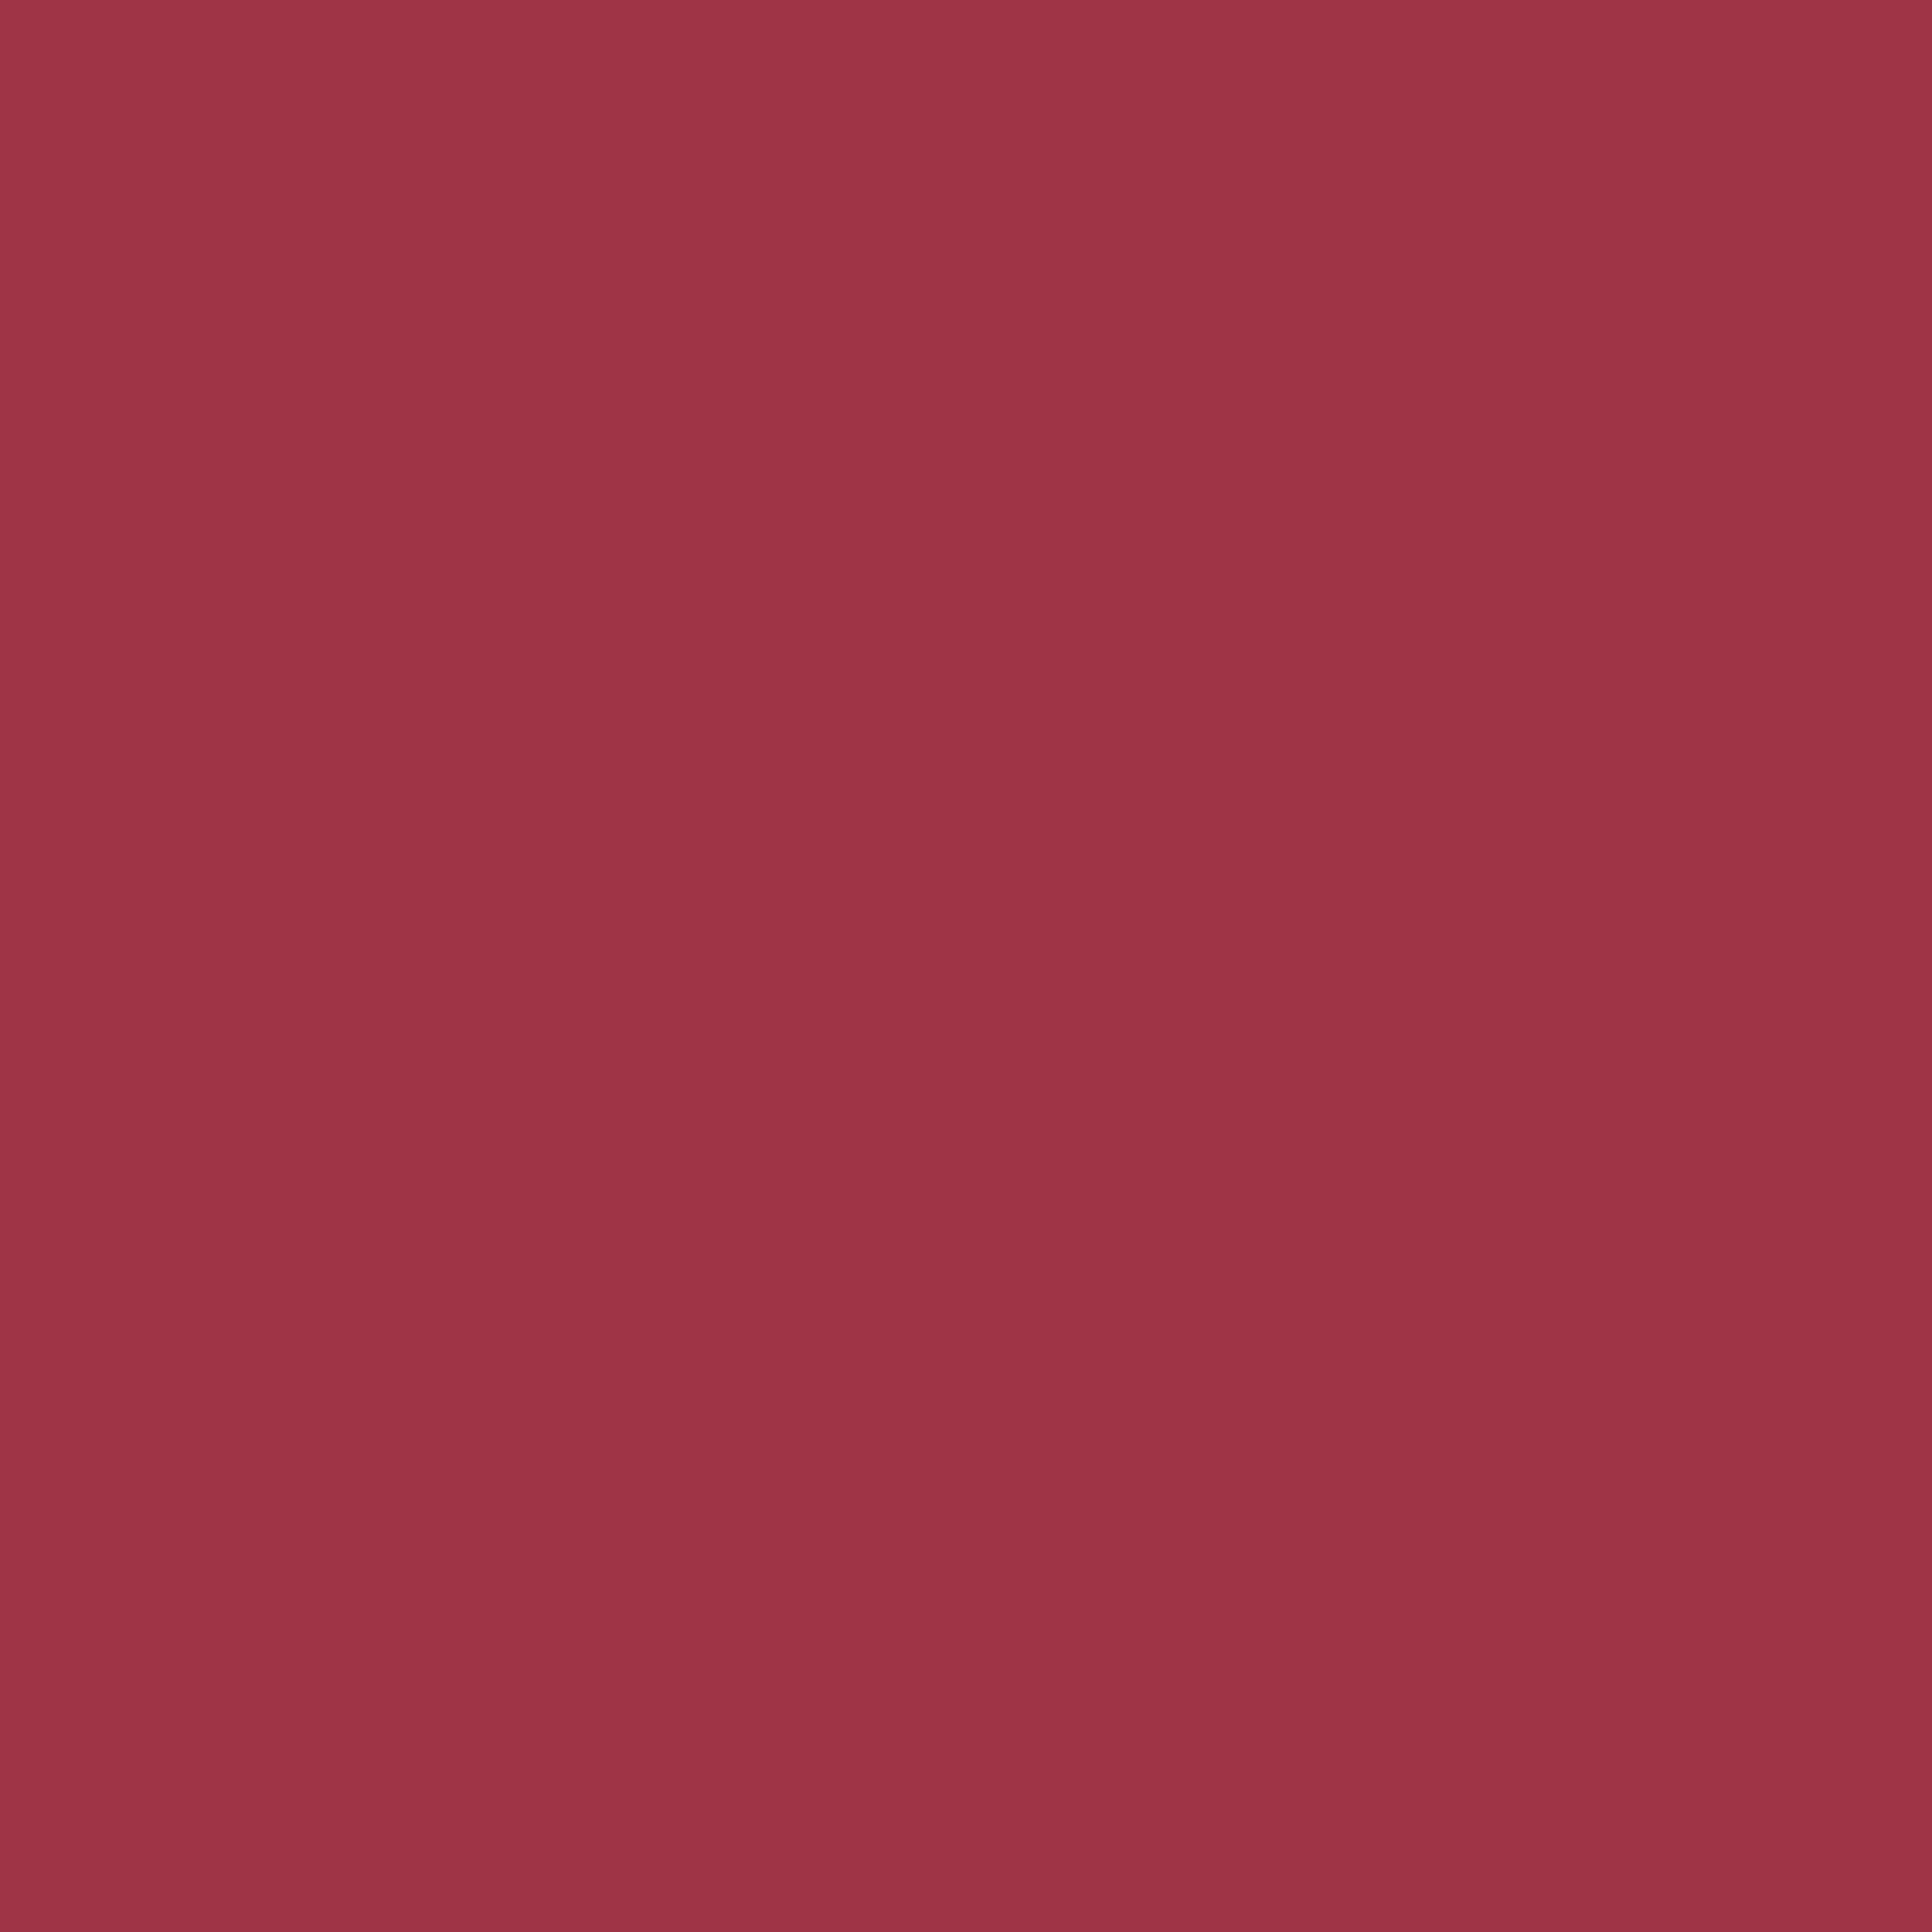 Windsor red